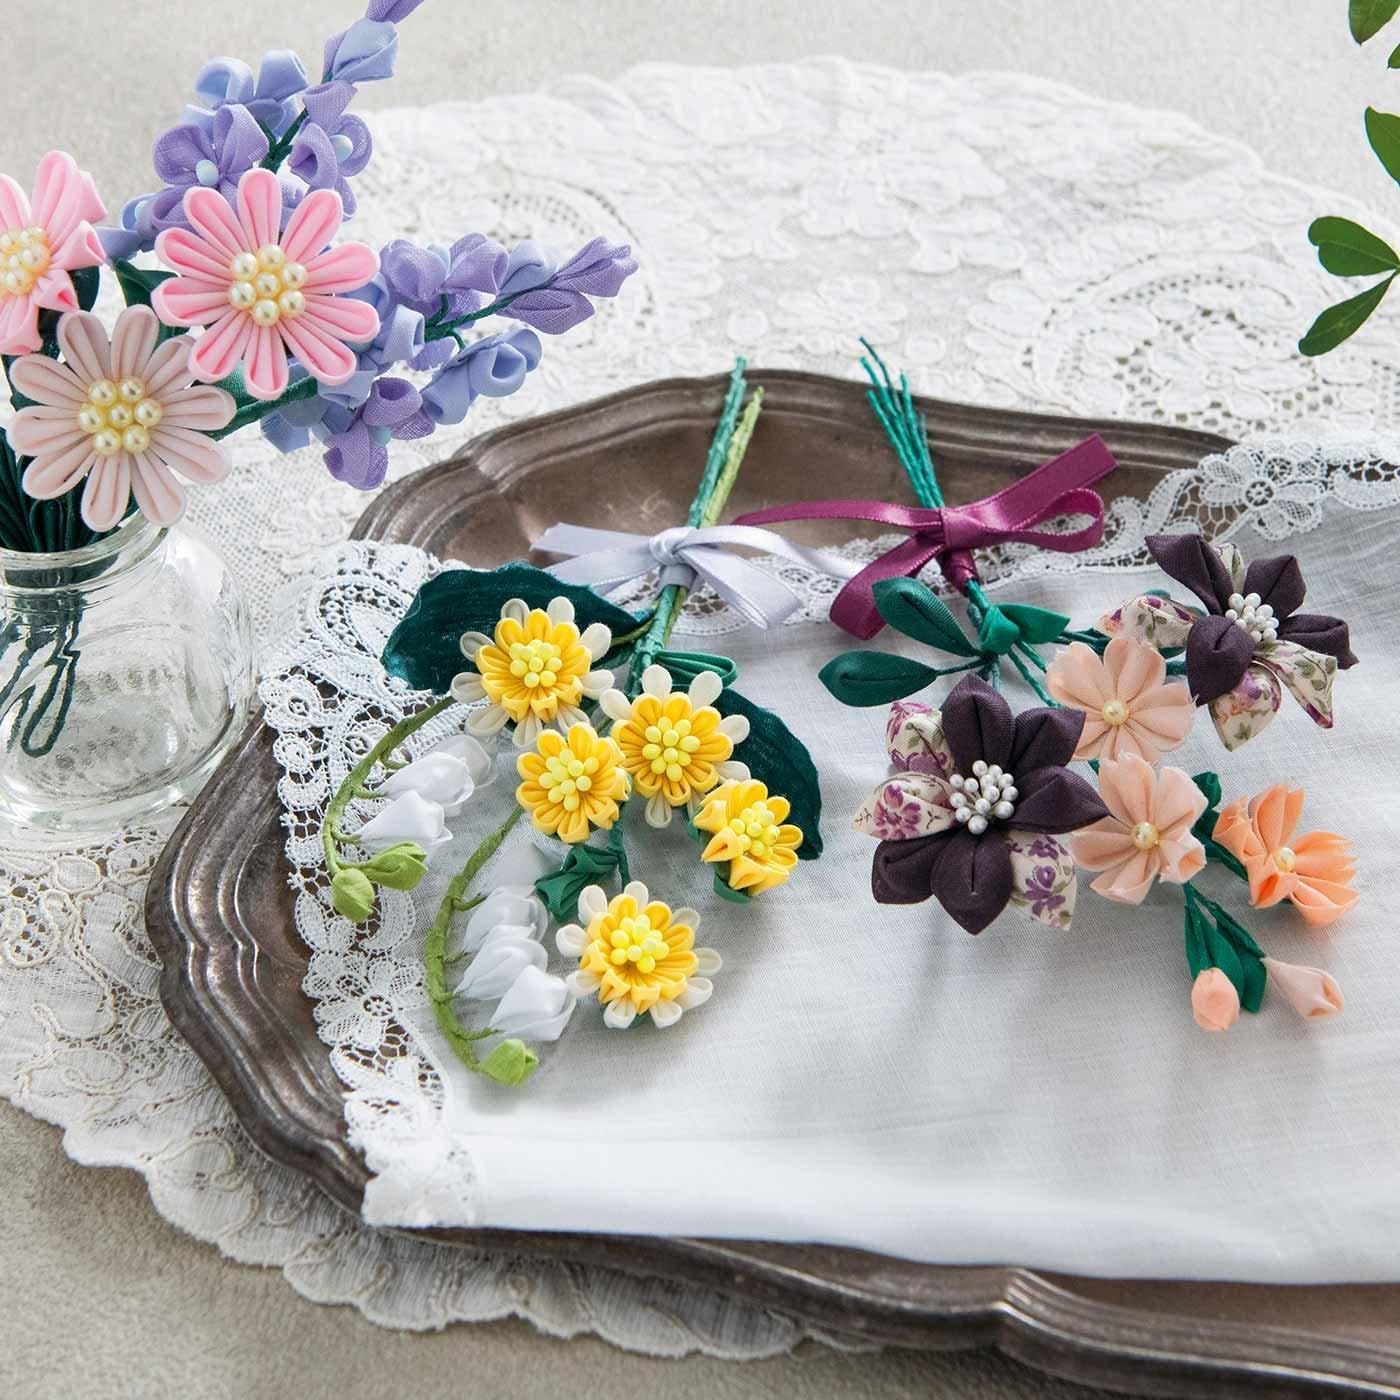 繊細さにうっとり 毎日をやさしく彩る つまみ細工の小さな花束の会